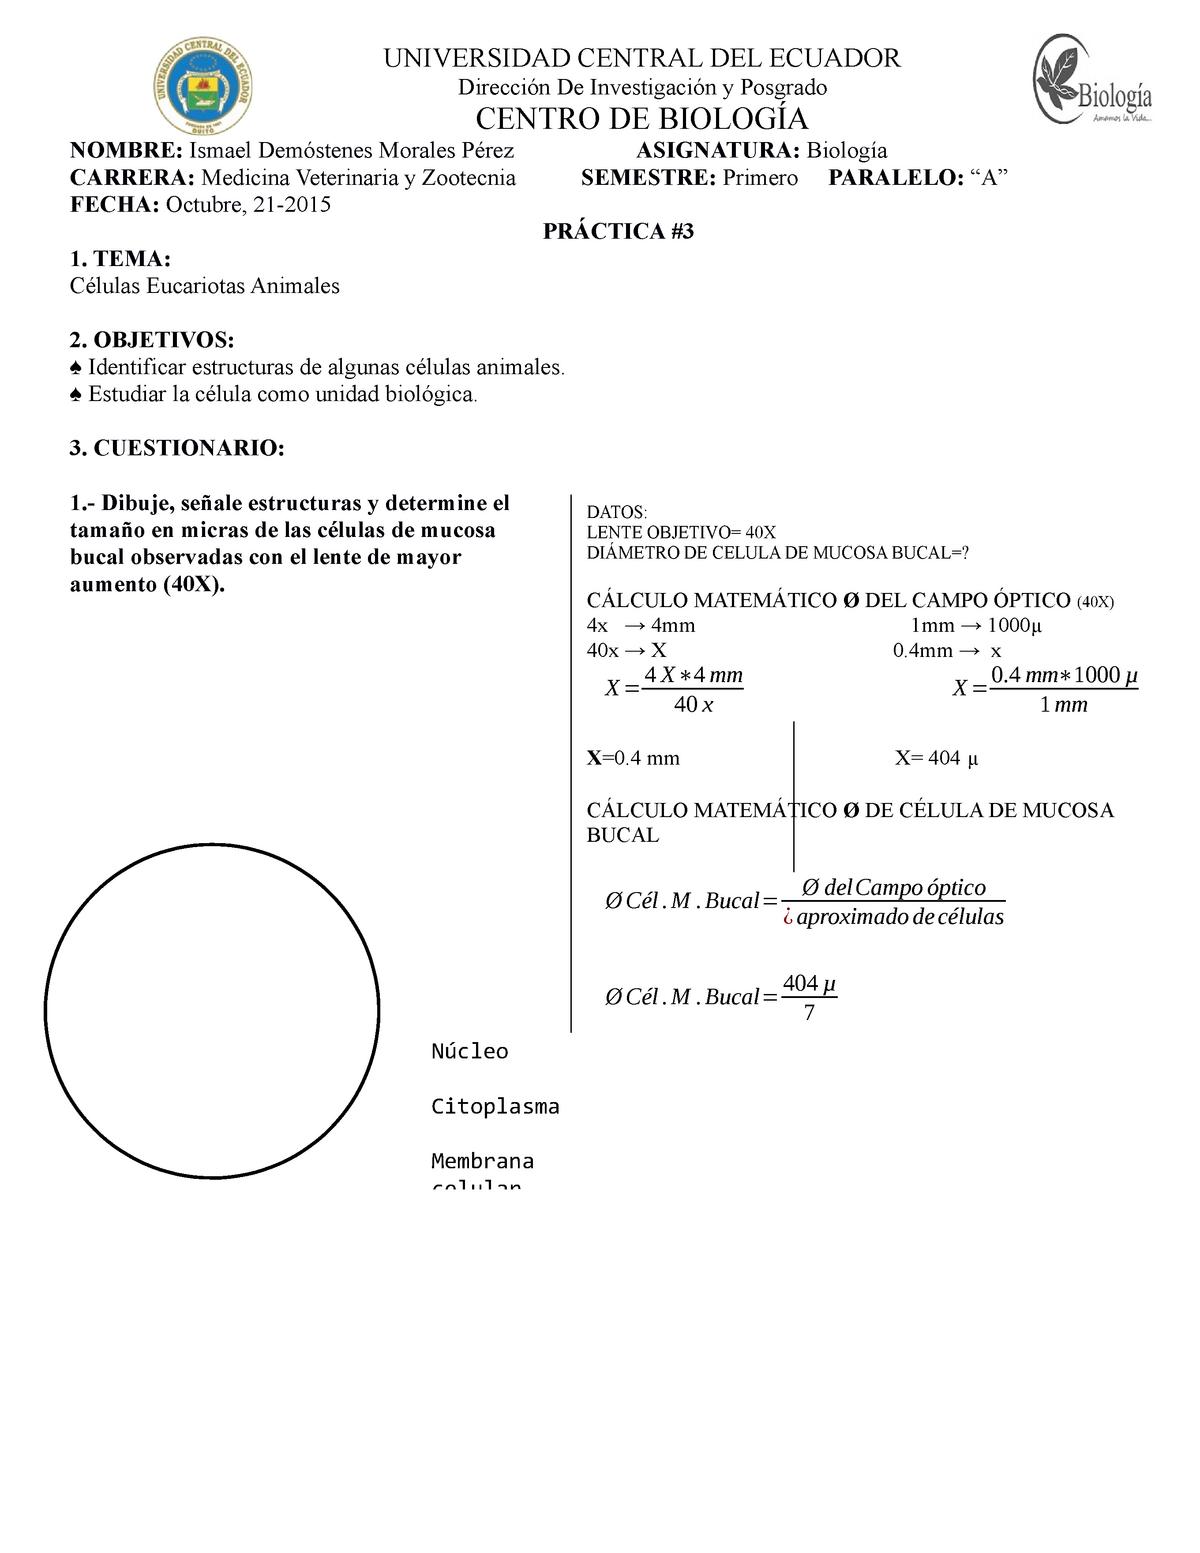 Informe Lab 3 Biología Fmvz Biologia Celular Qbb011 Uce